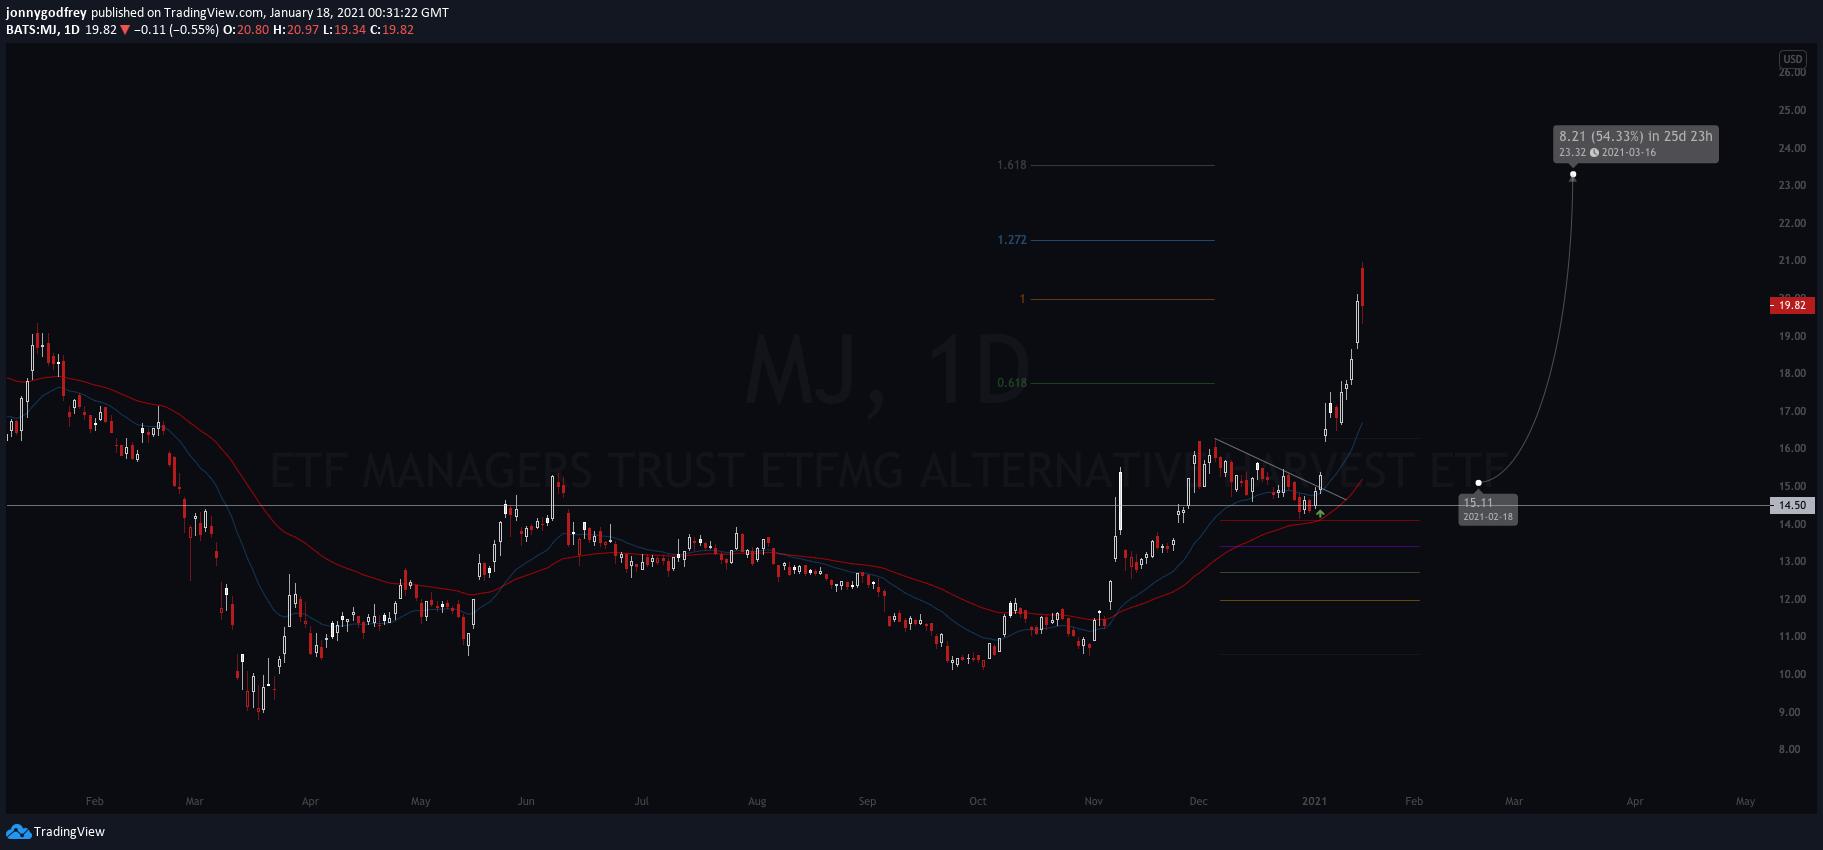 MJdaily chart